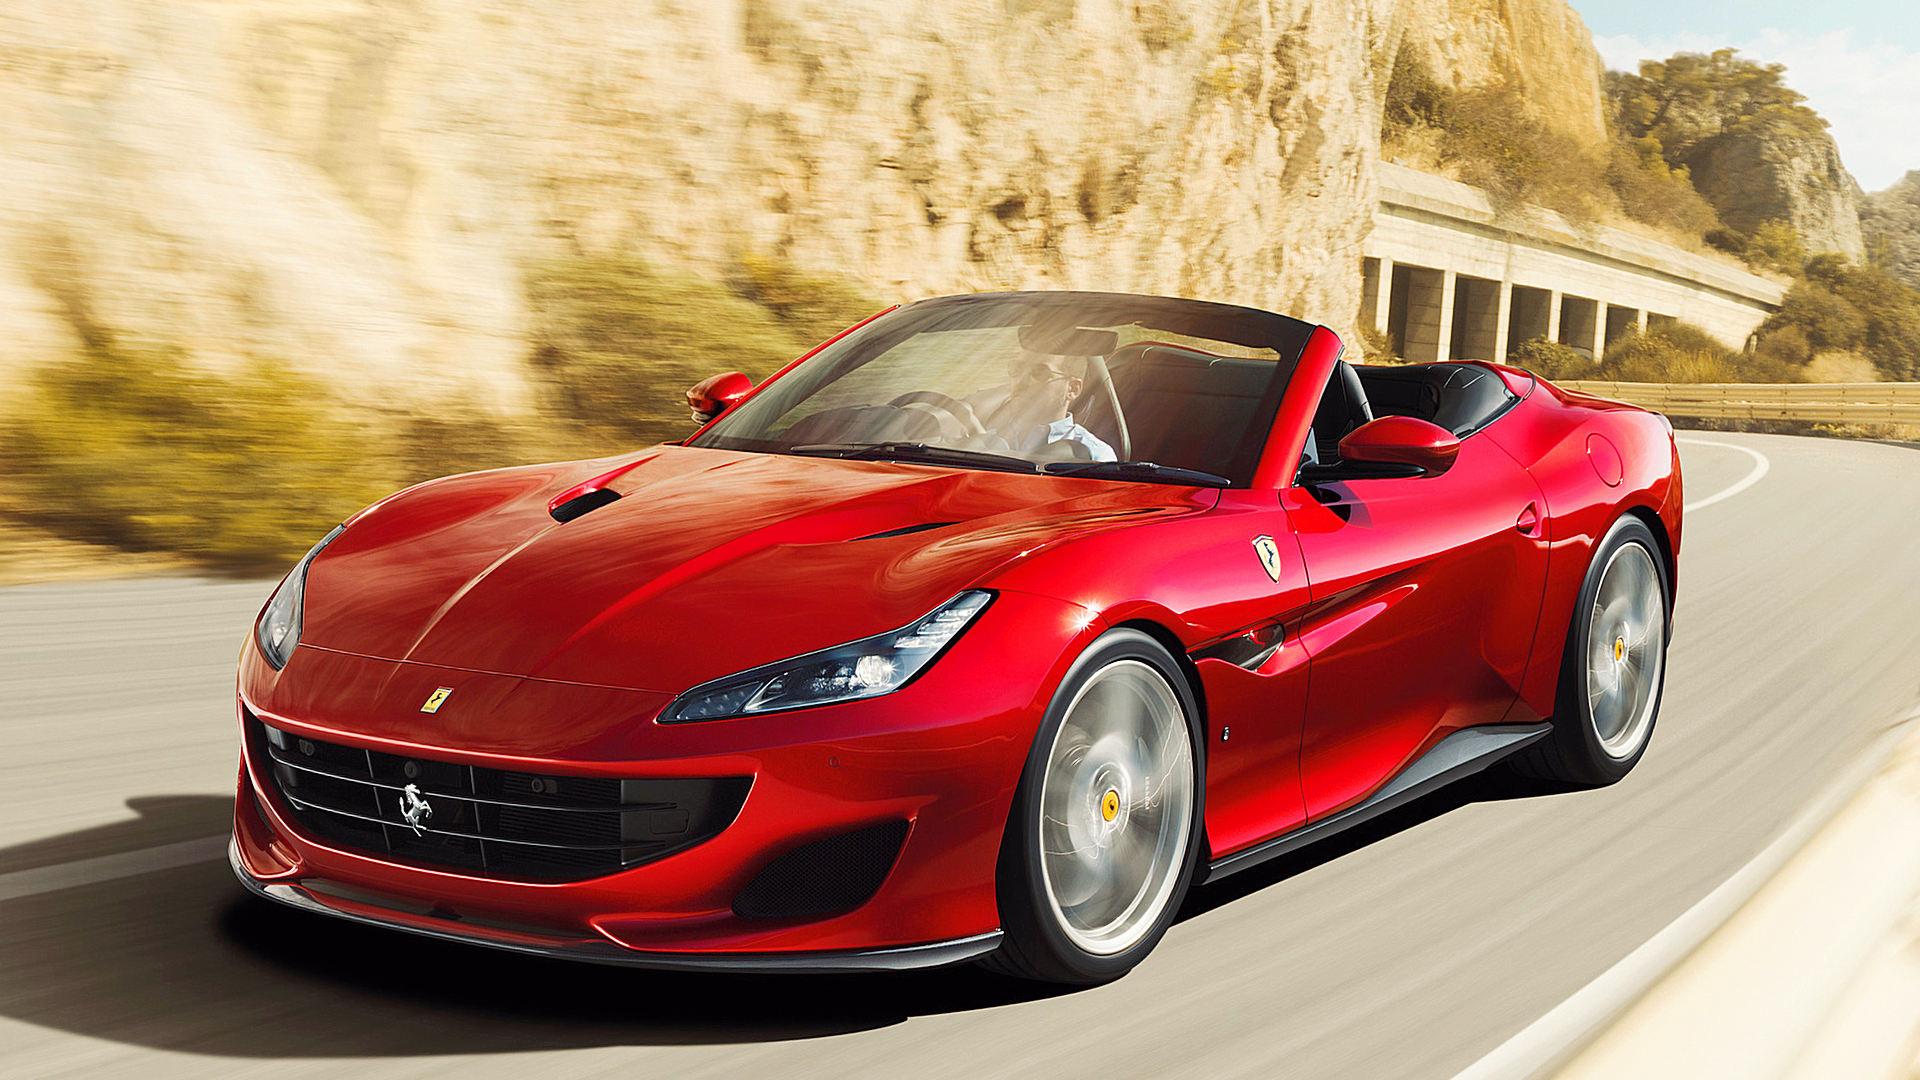 Ferrari Portofino 2019 Red Convertible Wallpaper